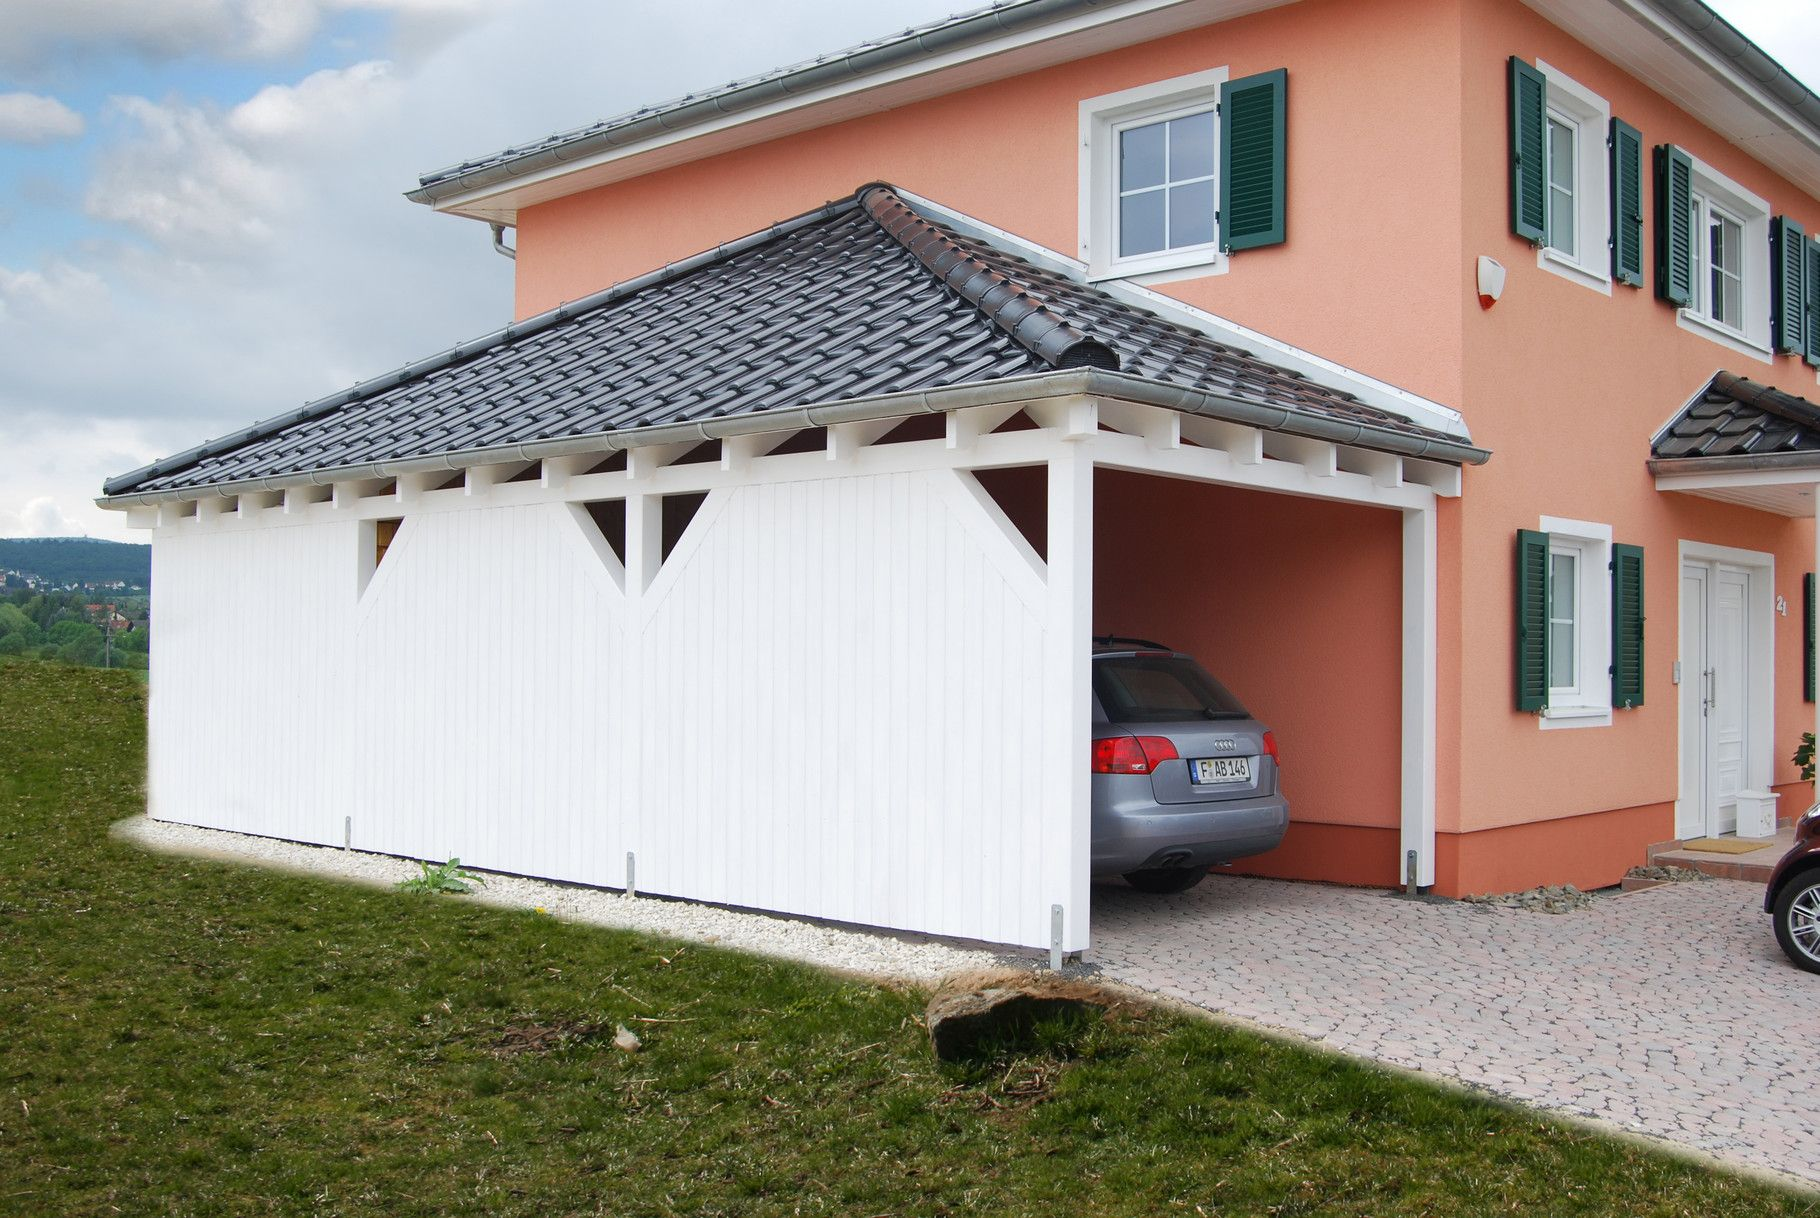 Carport Mit Walmdach Angepasst An Ihr Haus Mit Dachziegeln Regenrinne Und Farbe Finden Sie Inkl Montageservice In Premium Qualitat Hier Walmdach Carport Dach